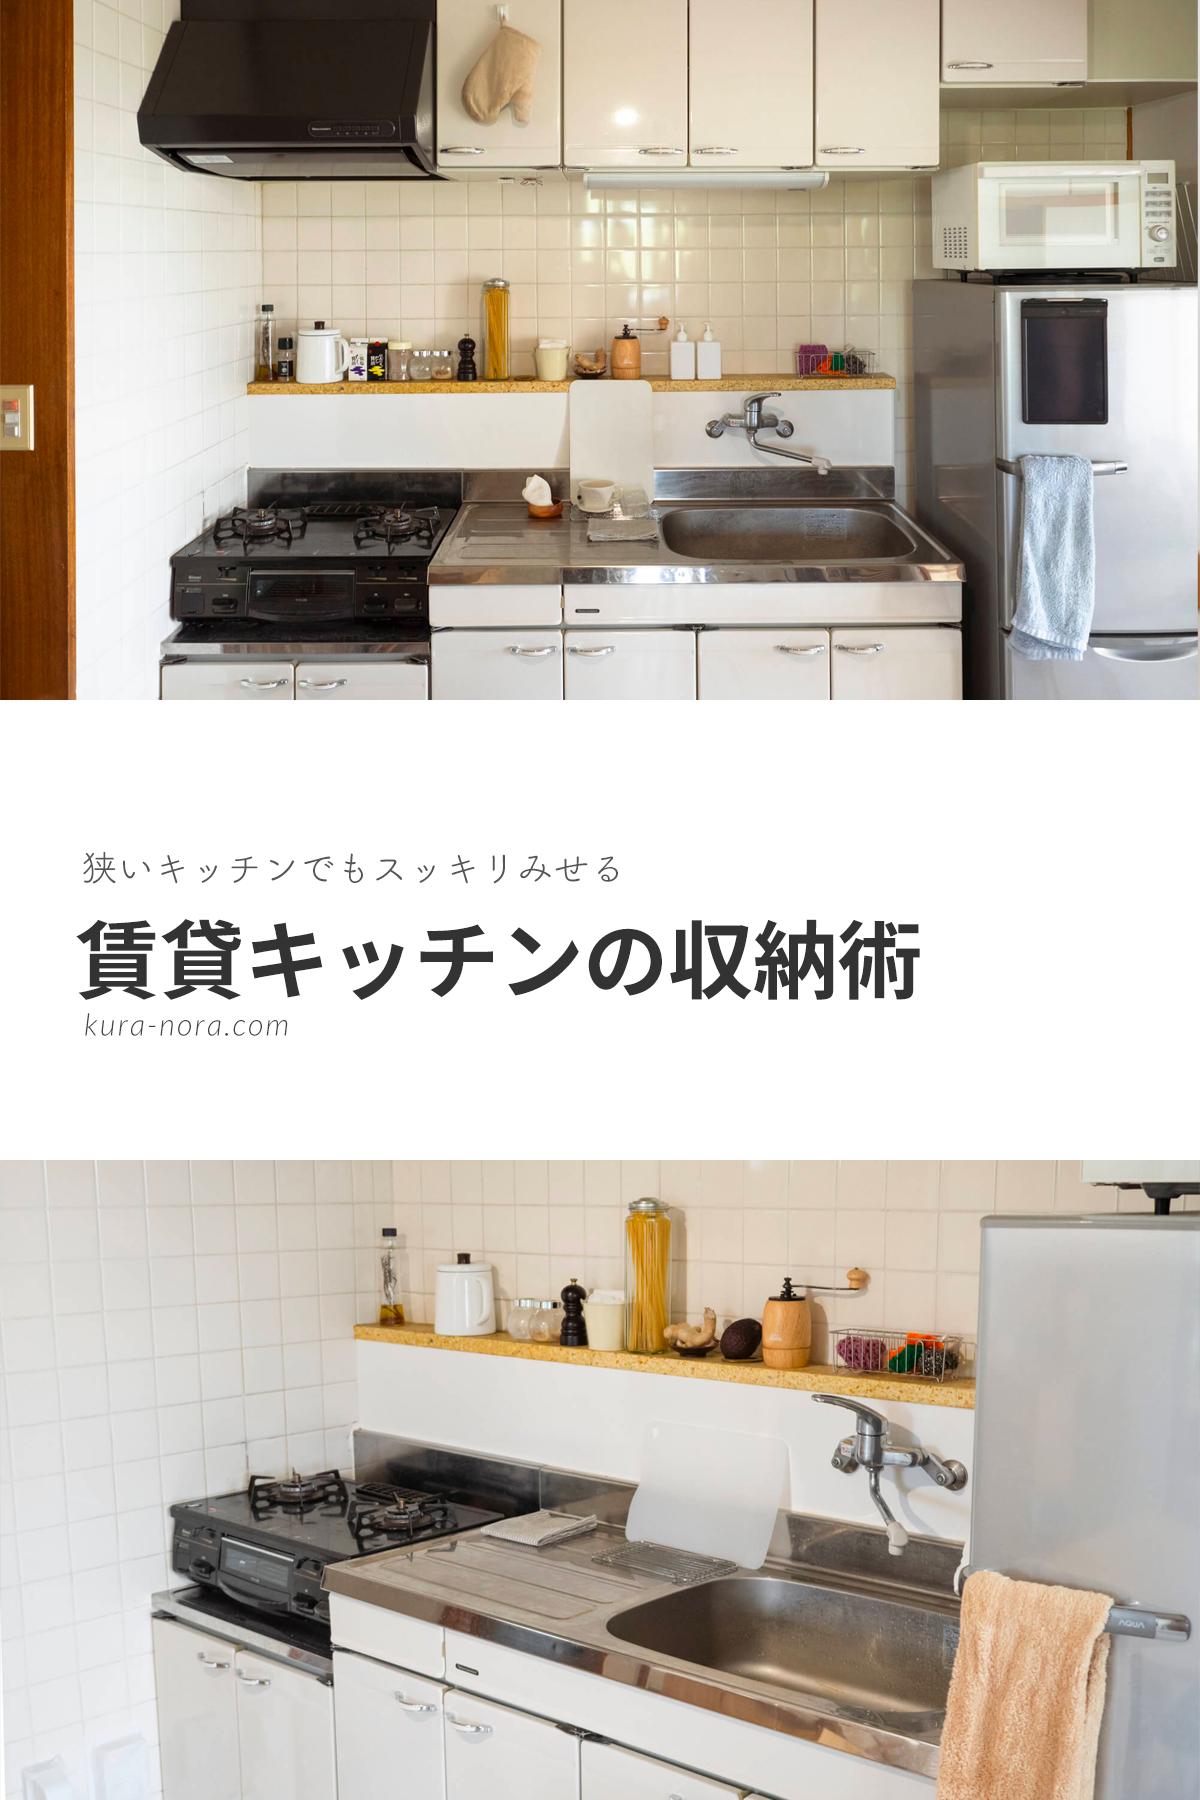 連載 団地の新しい住まい方アイデアコラム 第1回 団地の キッチン